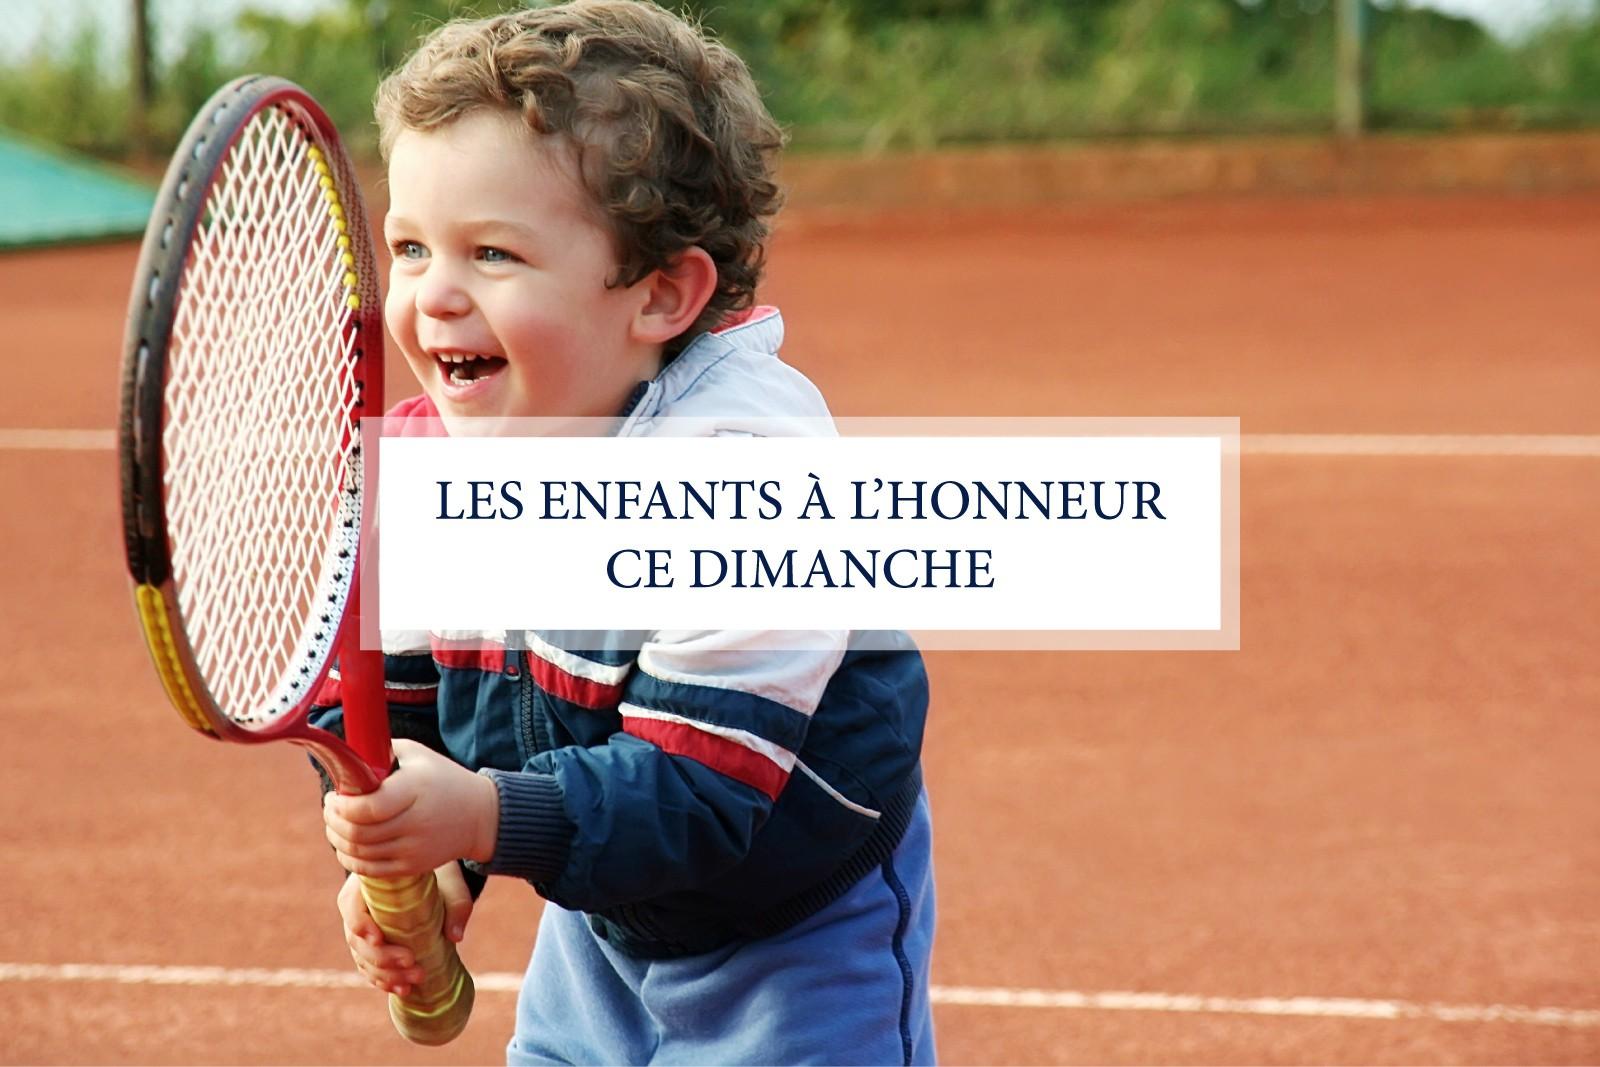 LES ENFANTS À L'HONNEUR CE DIMANCHE !